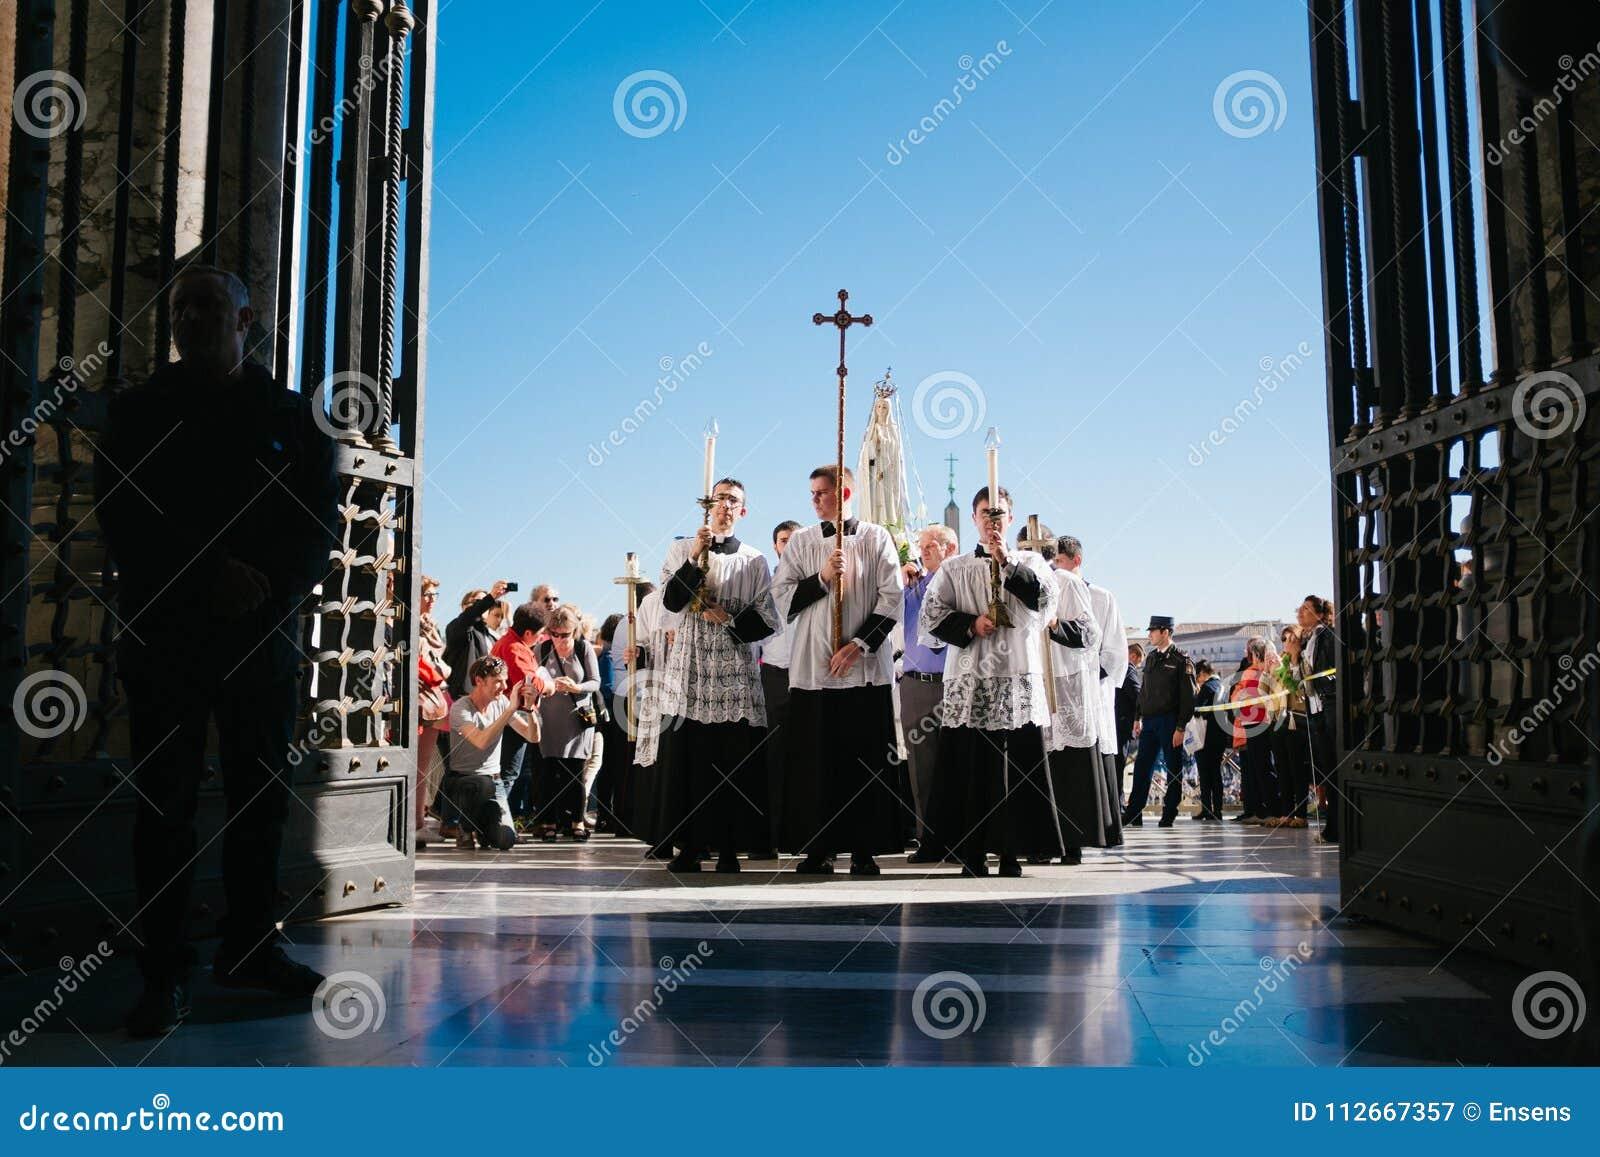 Rome-Italië-24 10 2015, godsdienstige optocht door de straten